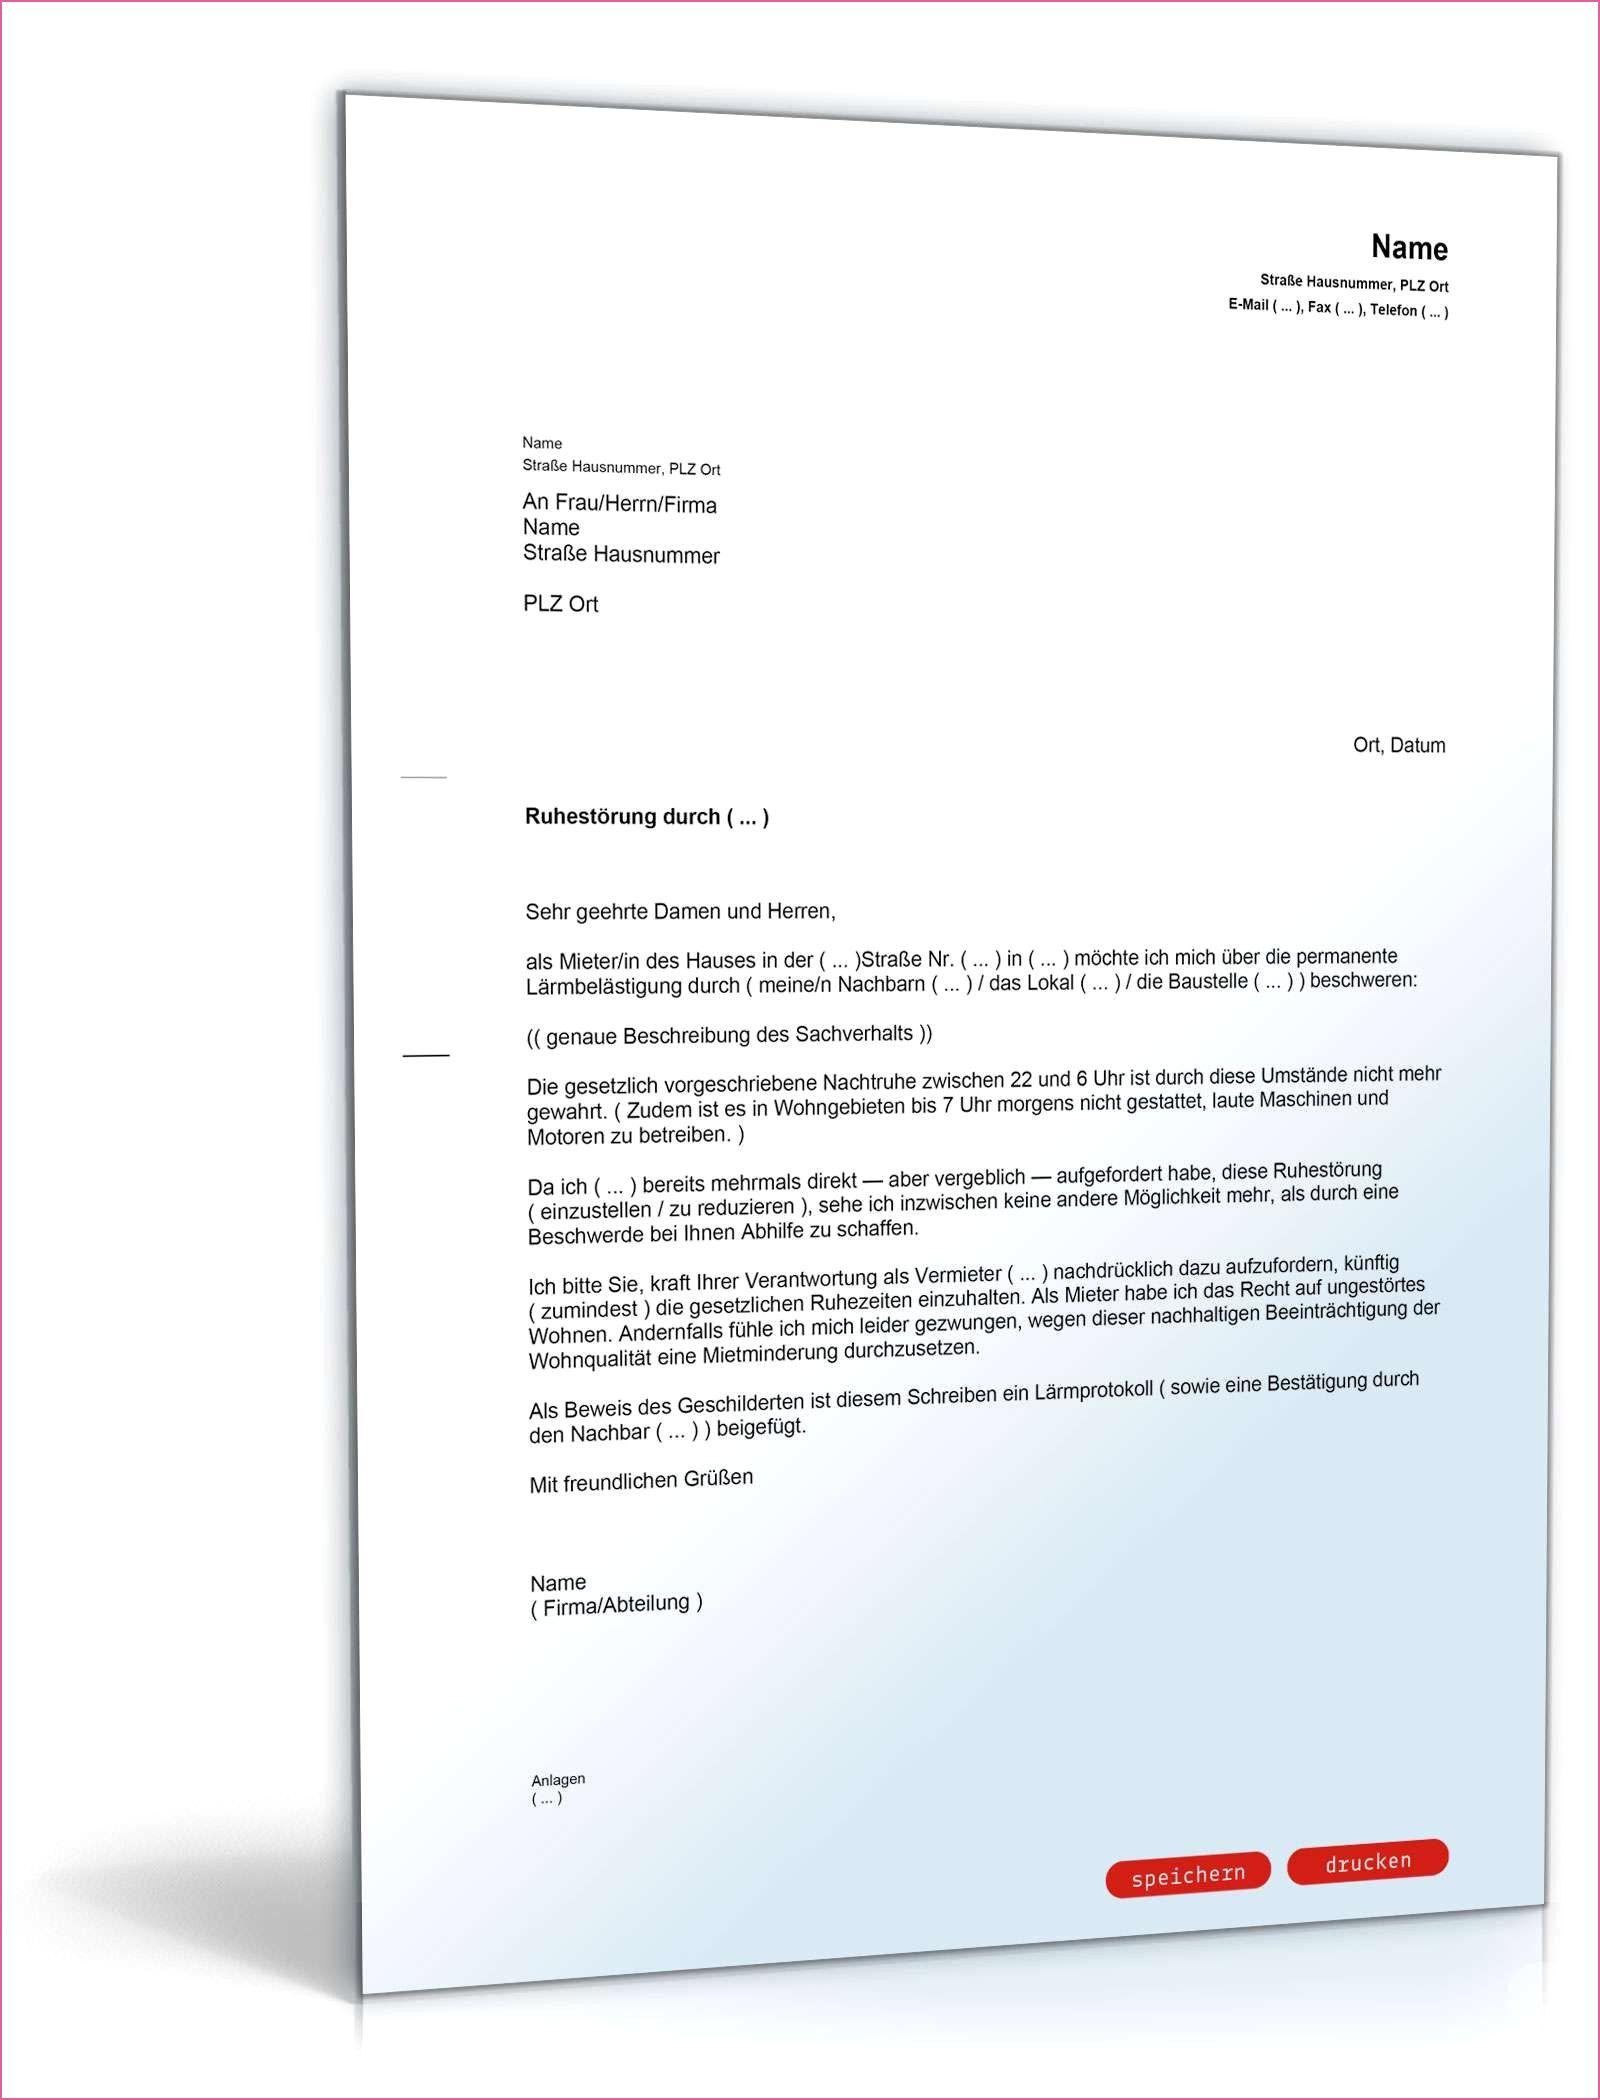 Vodafone Beschwerde Vorlage In 2020 Jobcenter Vorlagen Lebenslauf Lebenslauf